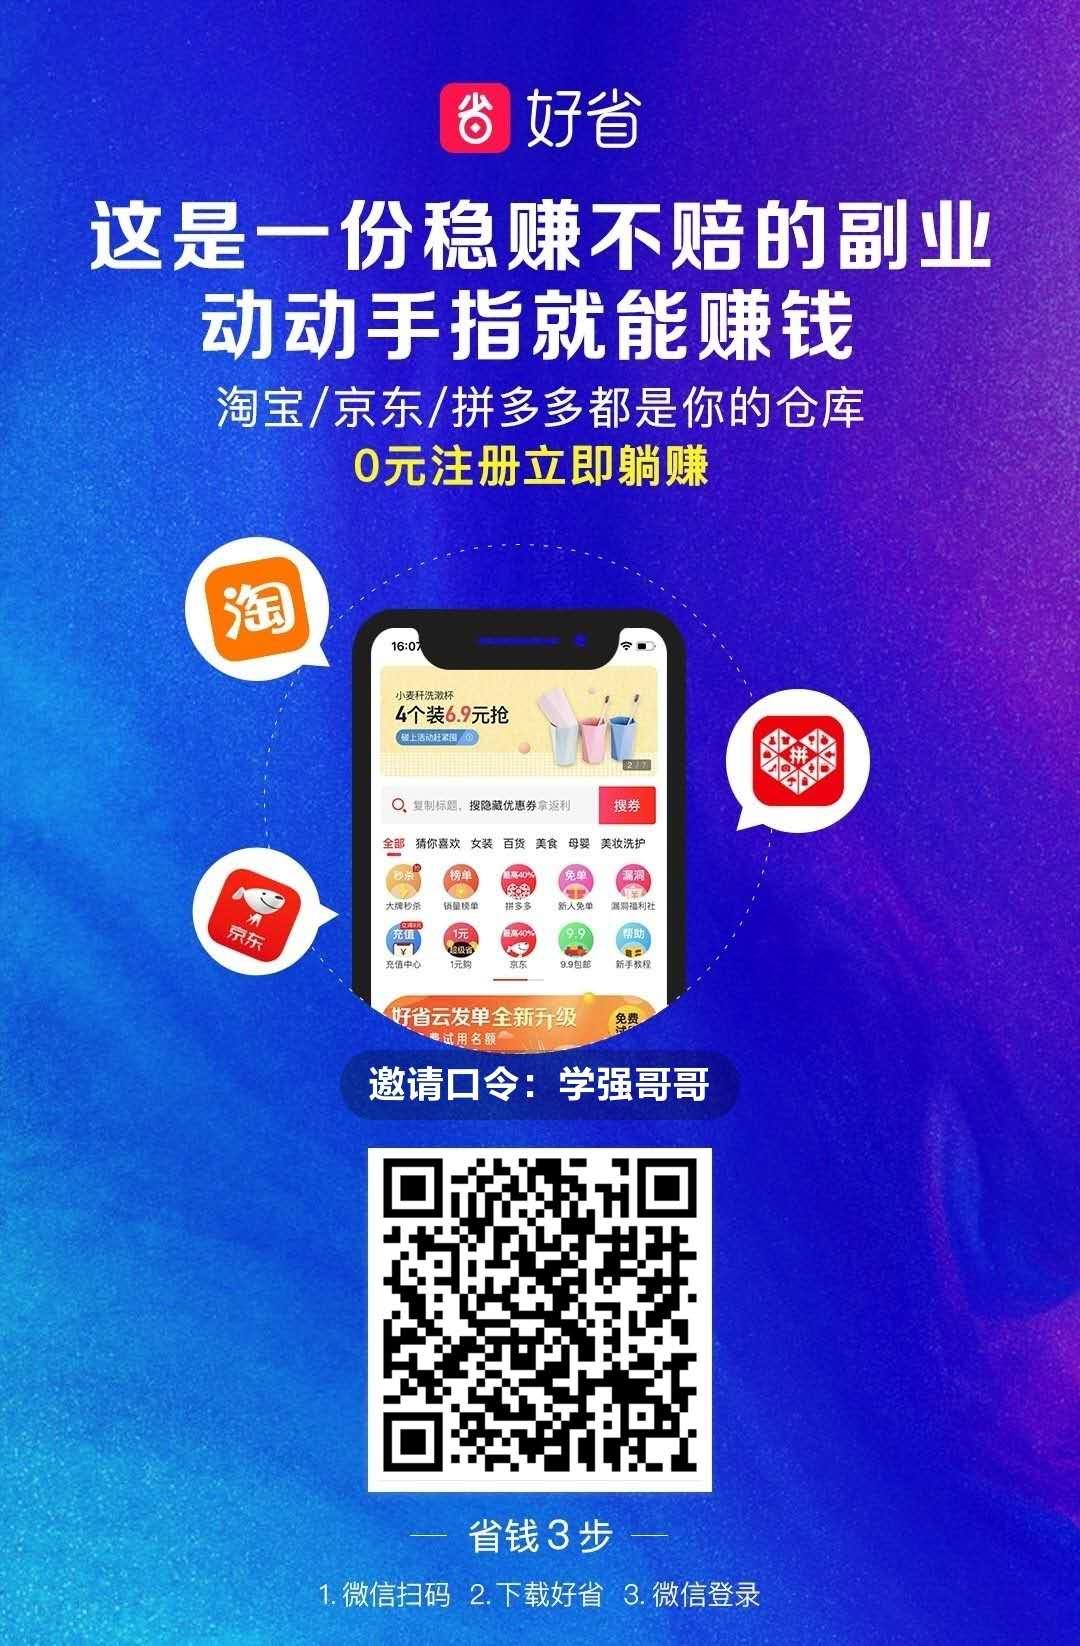 好省优惠券app权威平台 有大额优惠券以及给推广奖金?